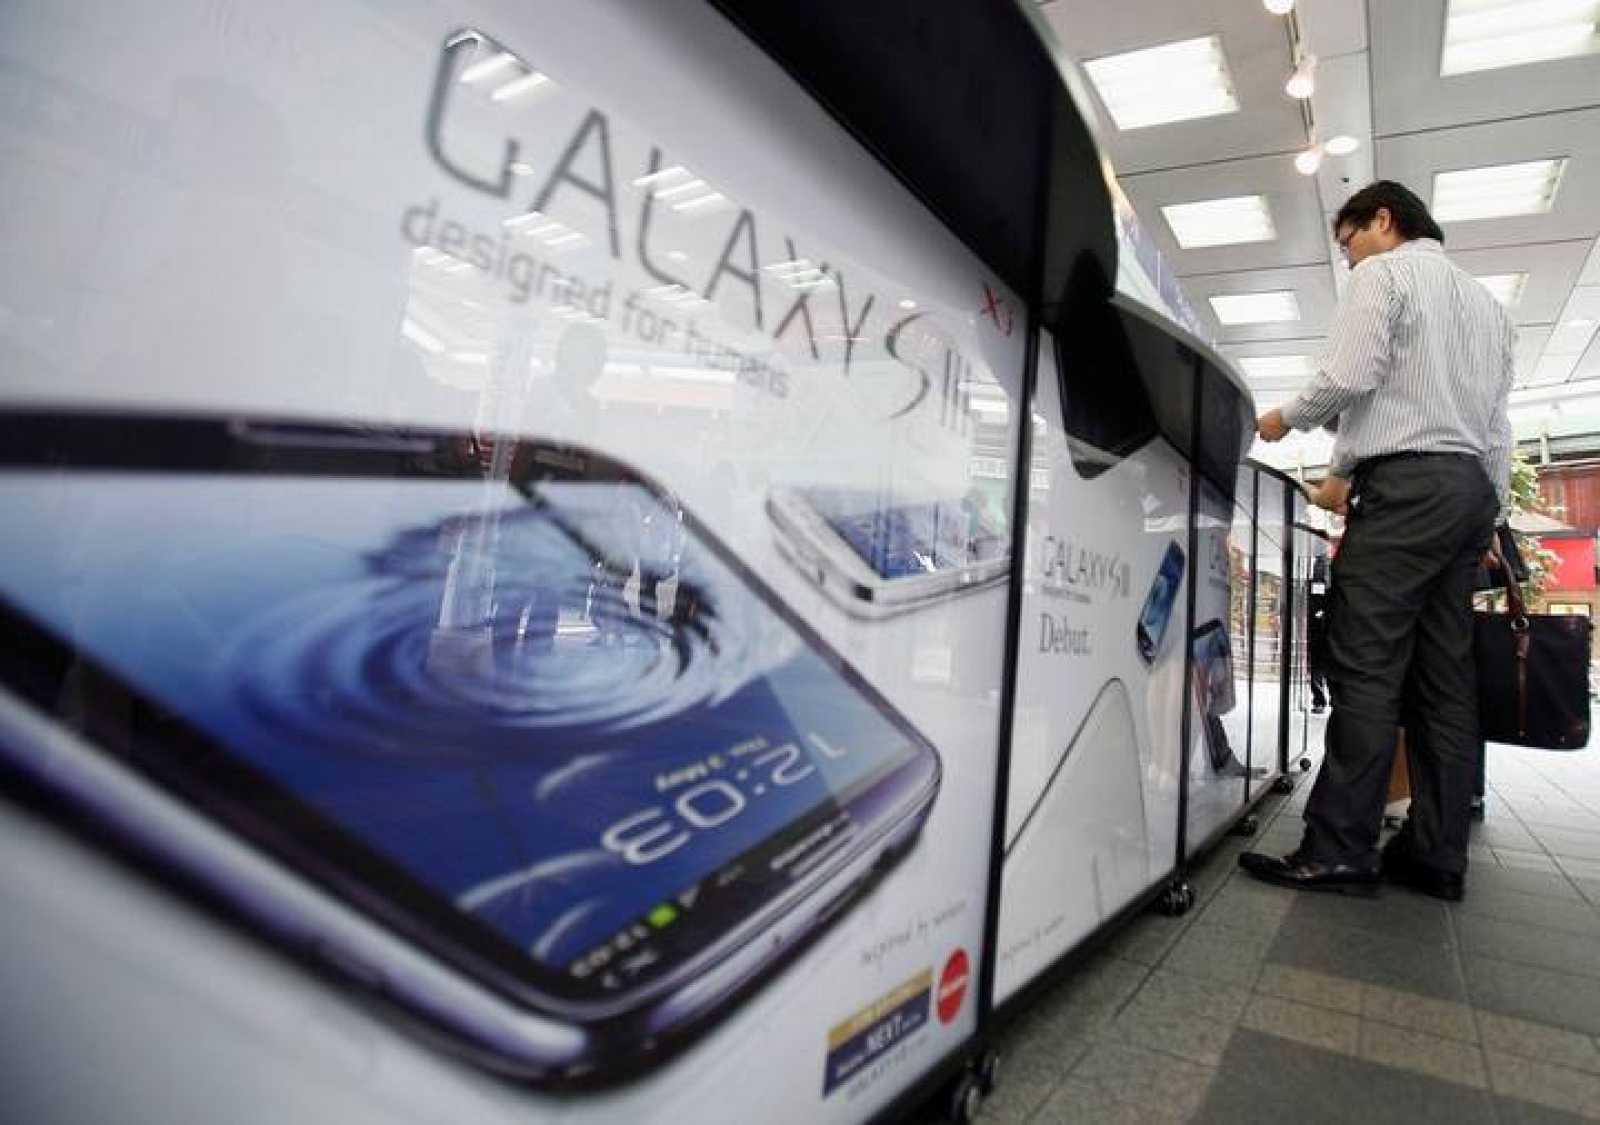 La firma Samsung sacará a la venta el nuevo Galaxy Note solo dos meses después del gran éxito del S III